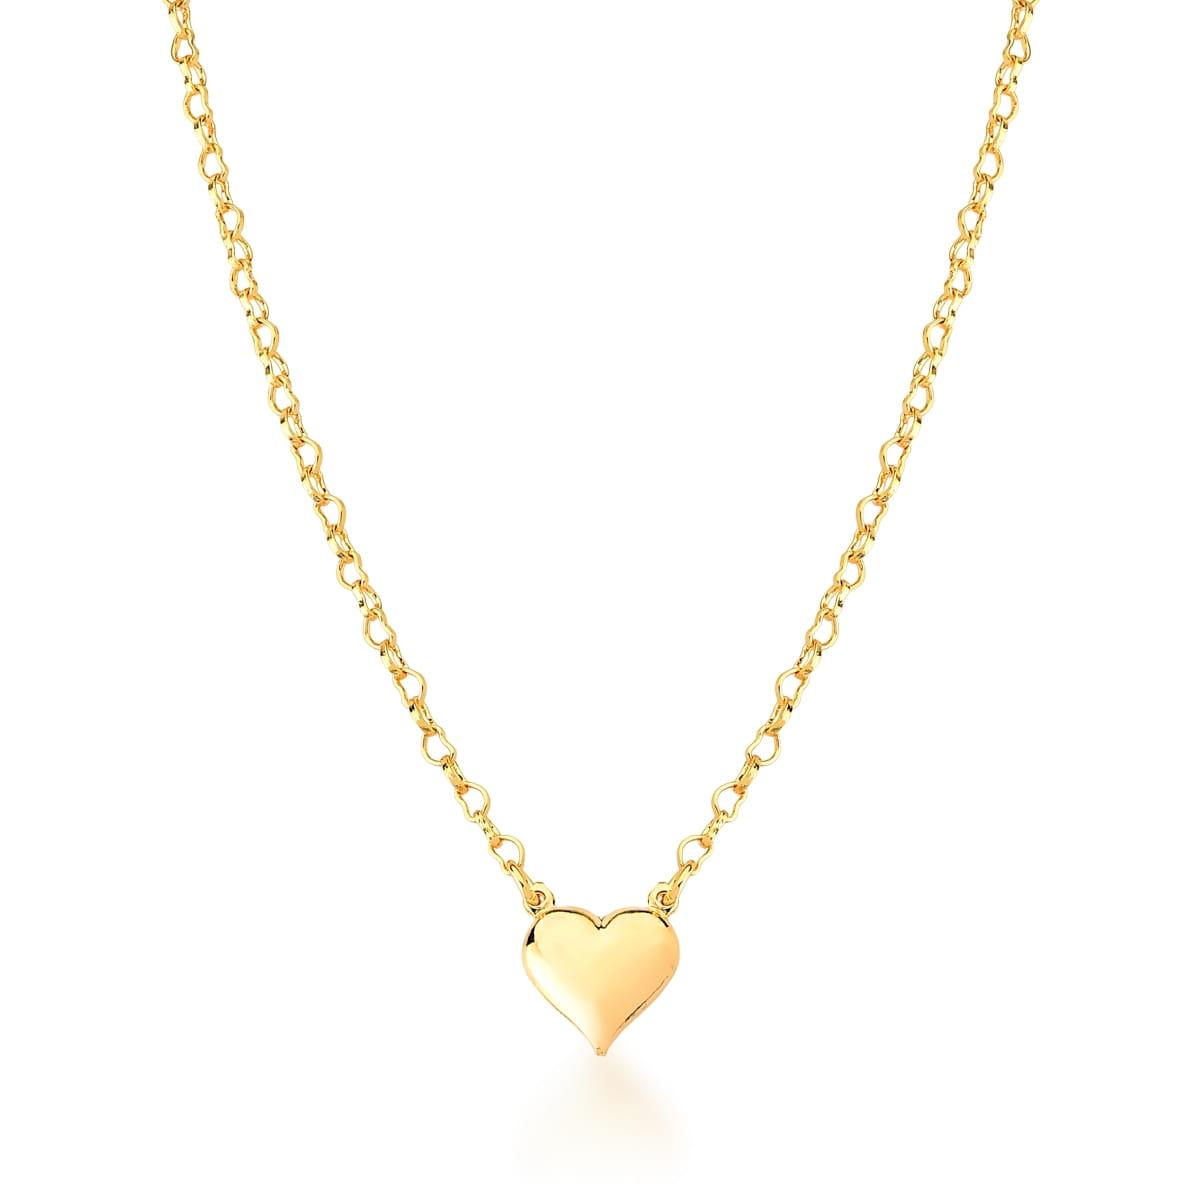 Colar pingente coração banhado a ouro